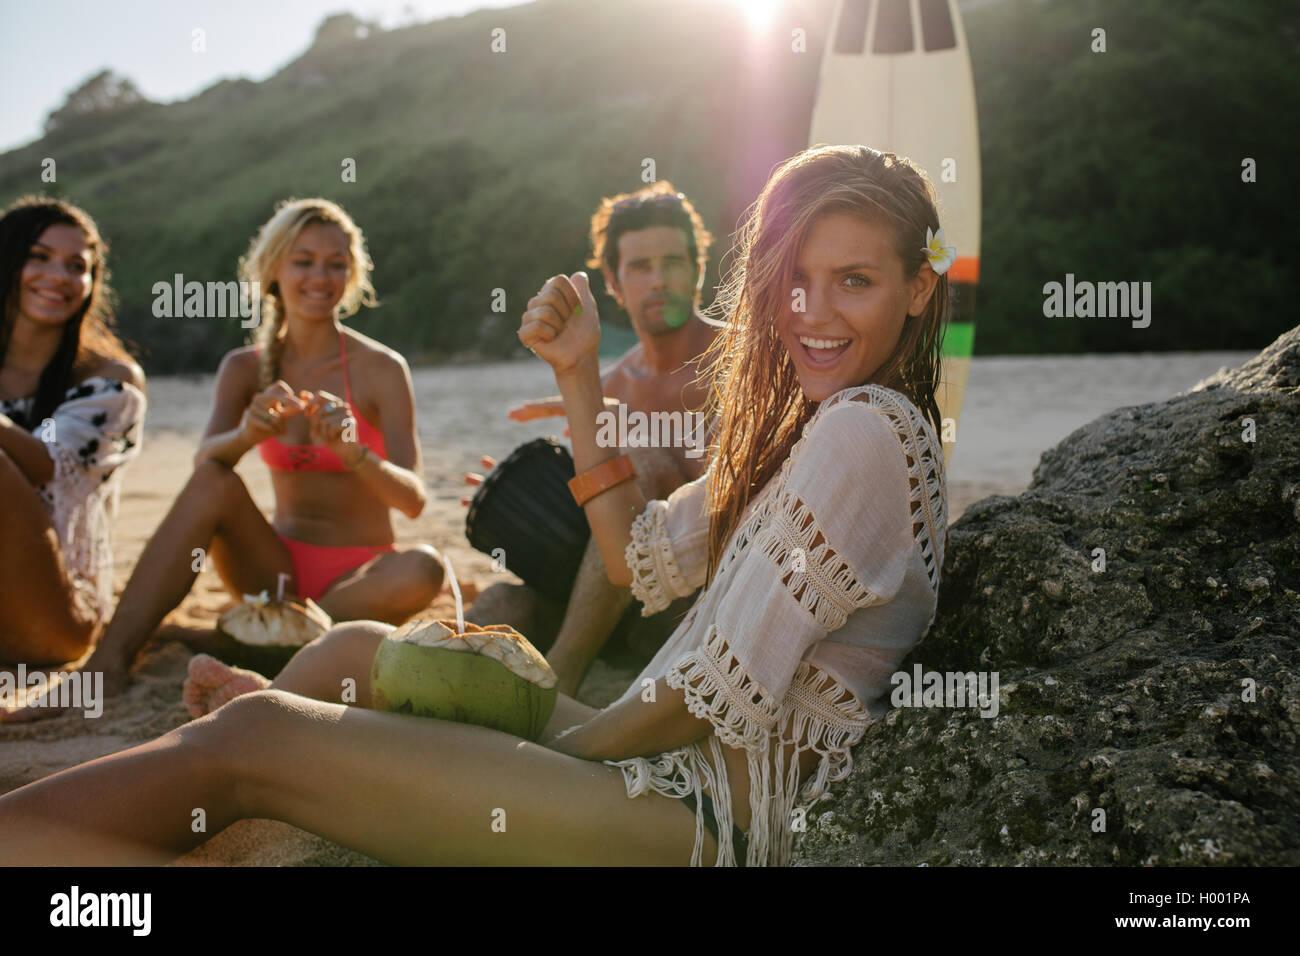 Excited donna giovane avendo divertimento sulla spiaggia con i suoi amici in background. Gruppo di amici godendo Immagini Stock